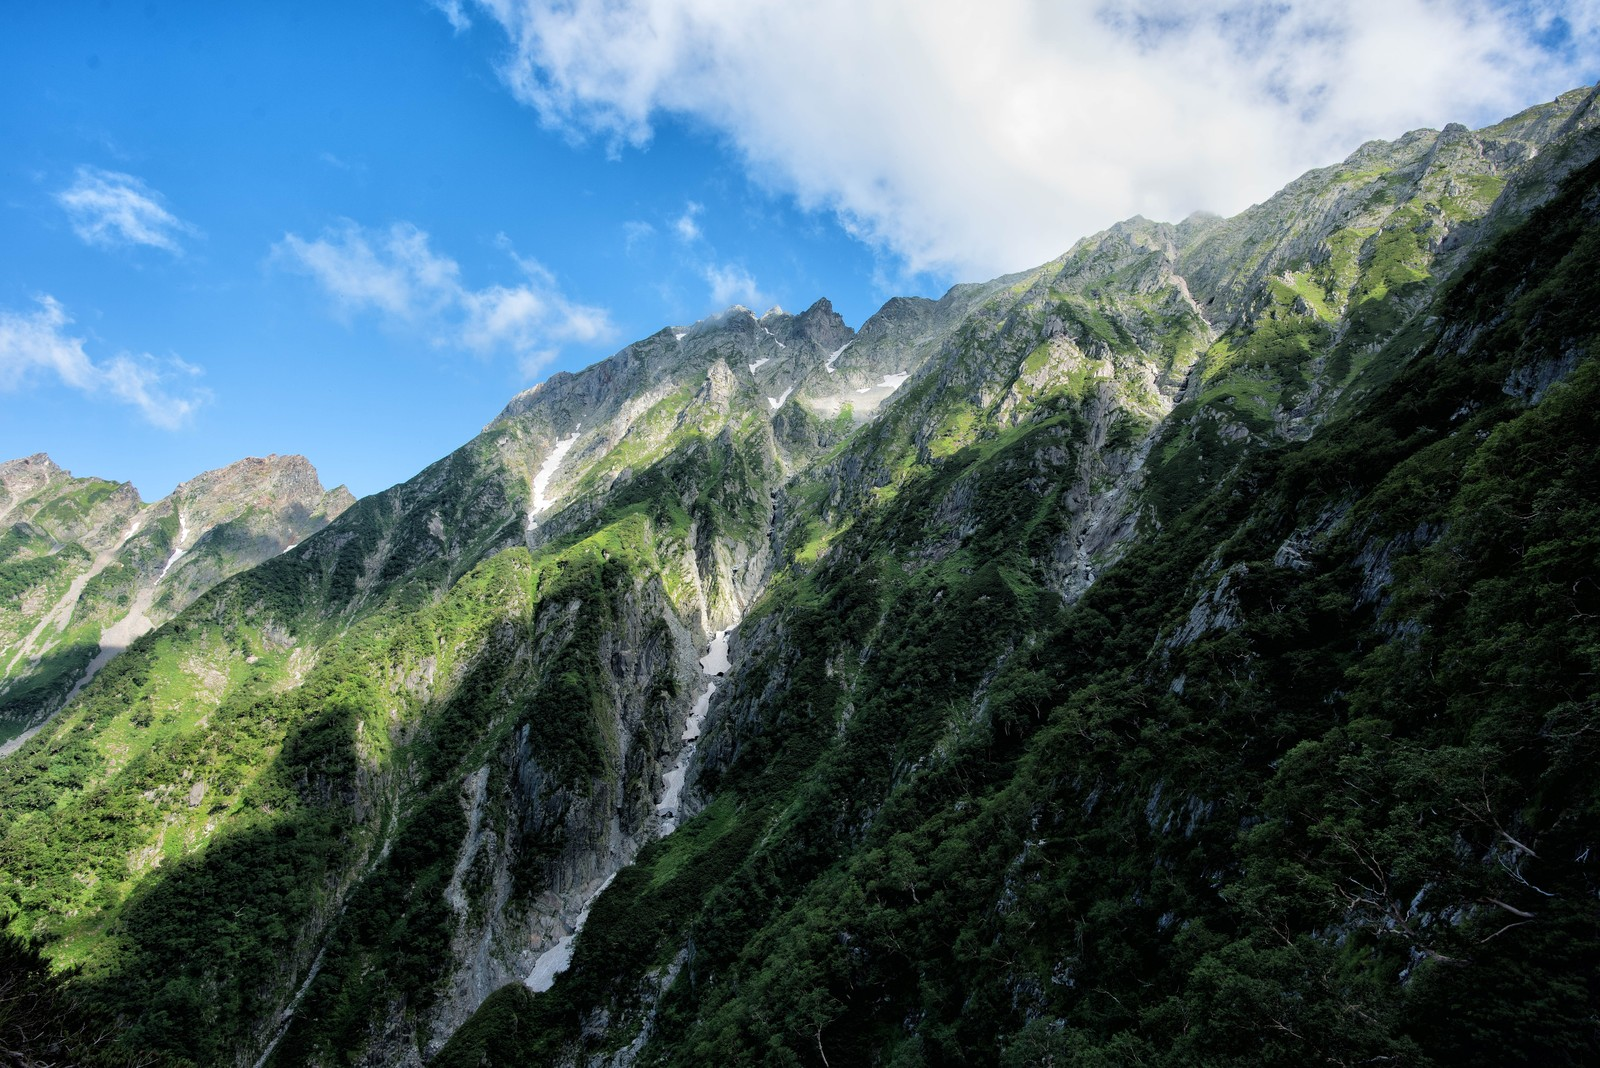 「穂高岳の岩壁に映る雲の陰」の写真